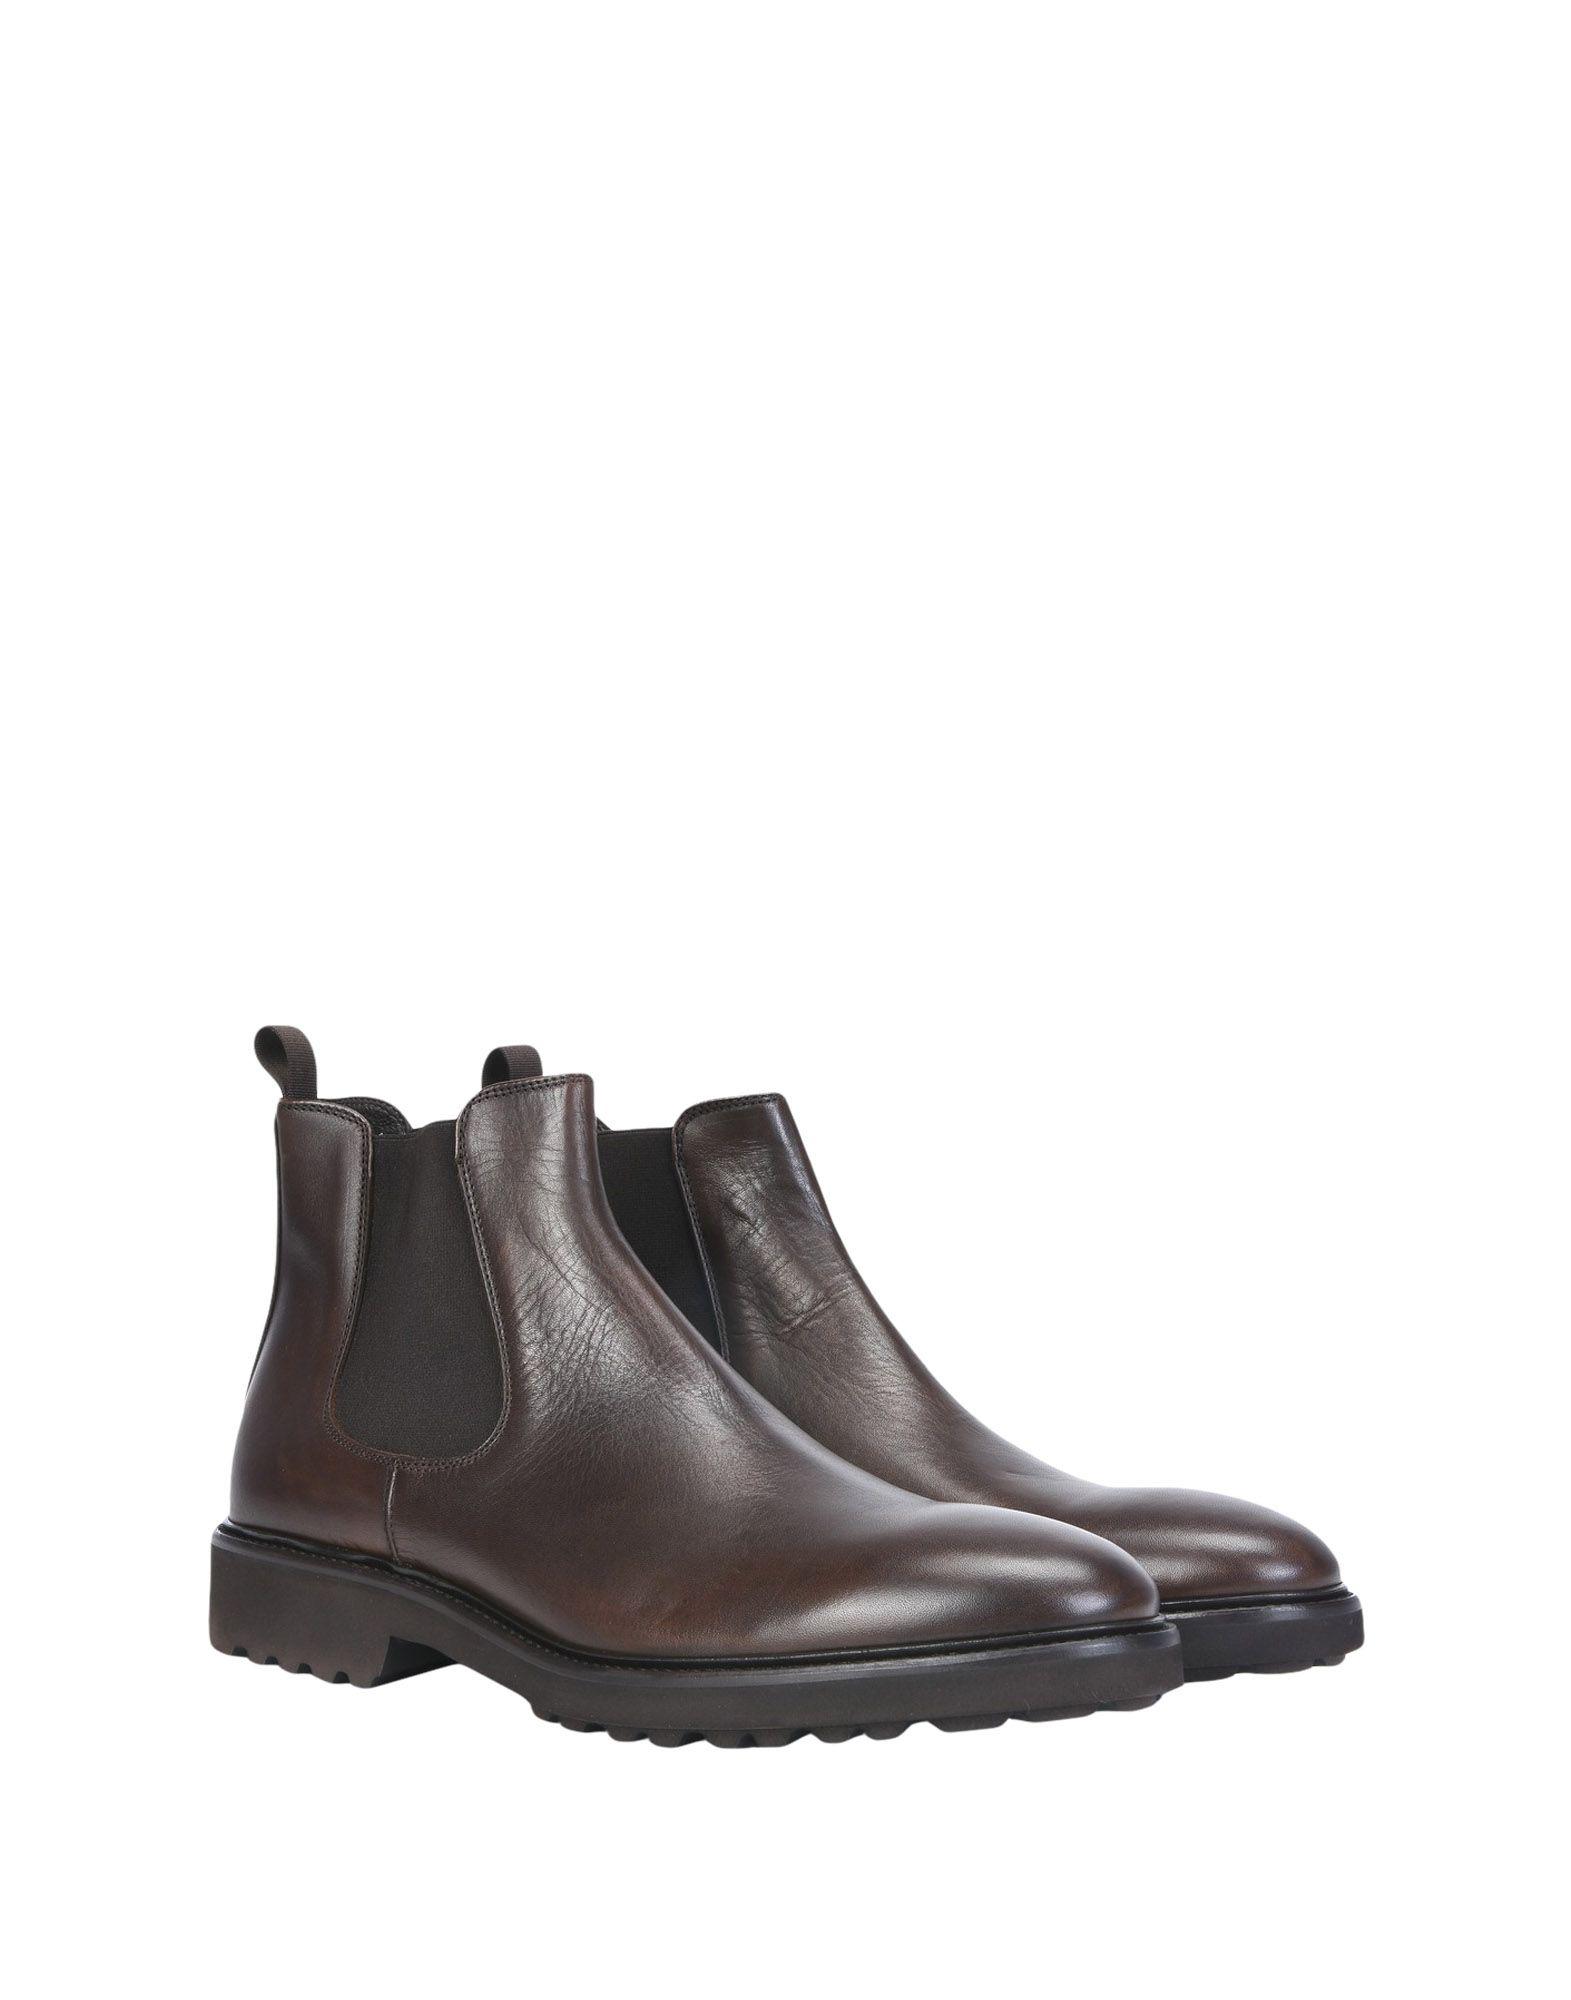 Maldini Stiefelette Herren  11523269QD Gute Qualität beliebte Schuhe